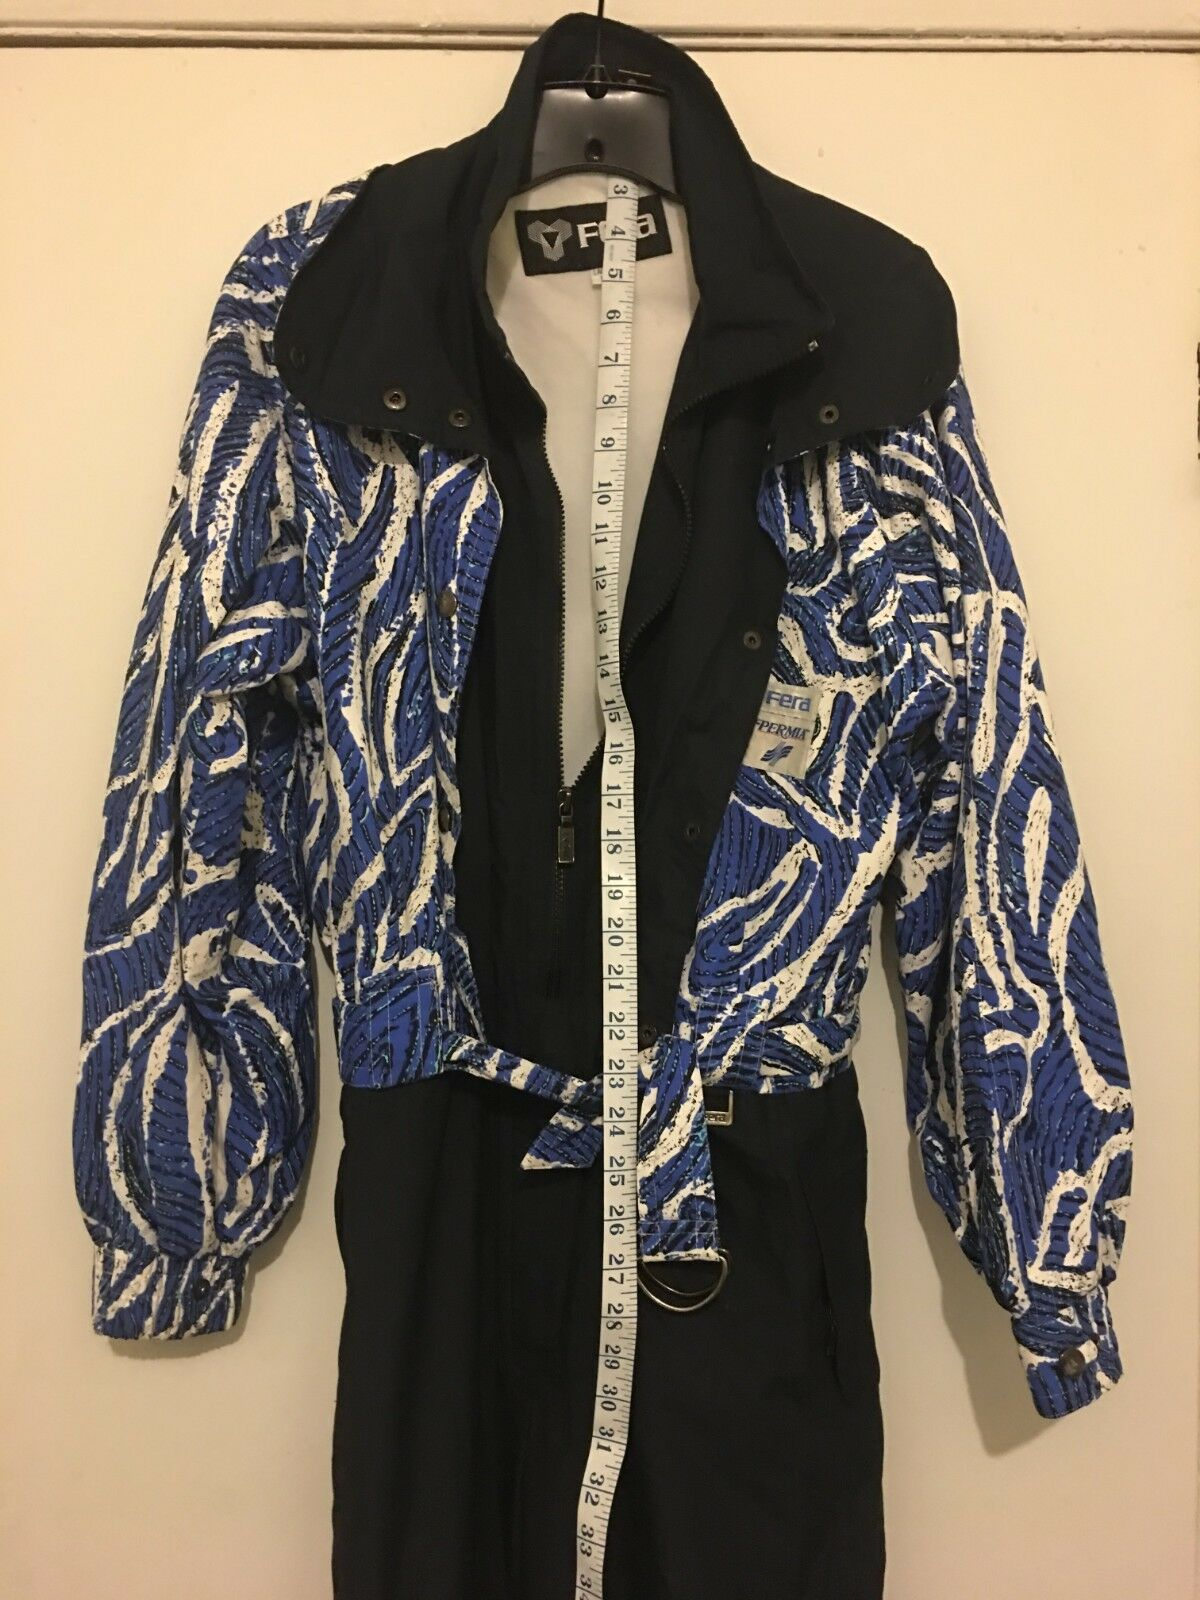 Women FERA PERMIA SKI SUIT Size 12 Snow Suit Jumpsuit Excellent condition